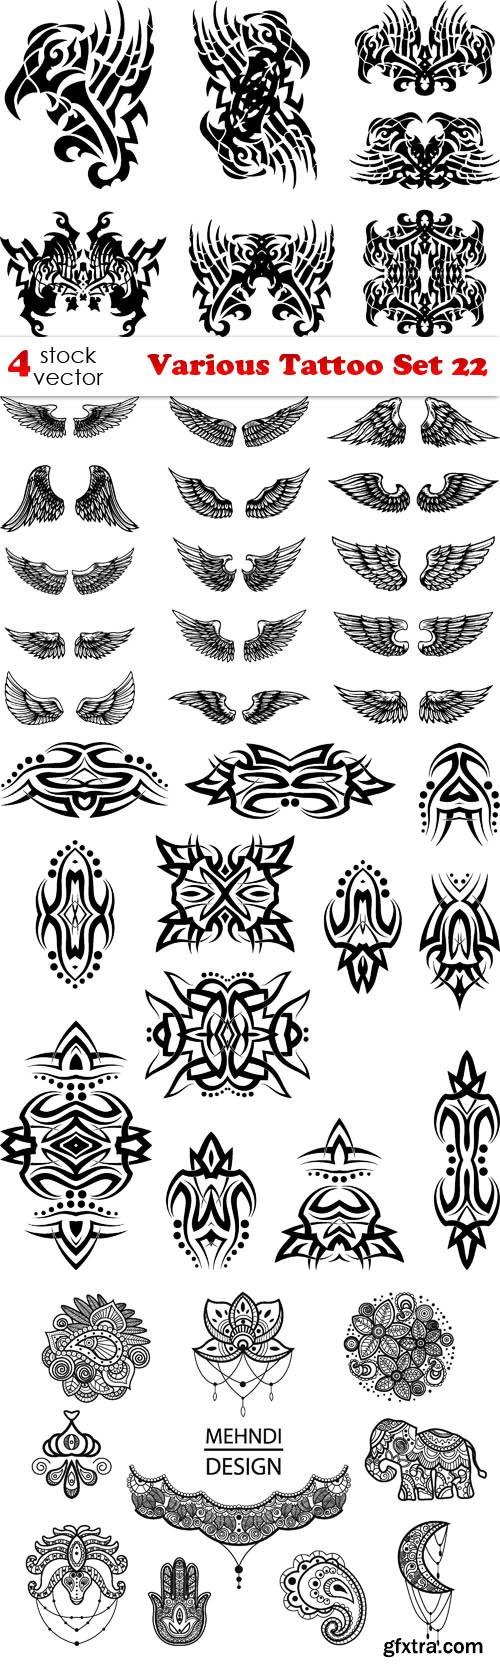 Vectors - Various Tattoo Set 22